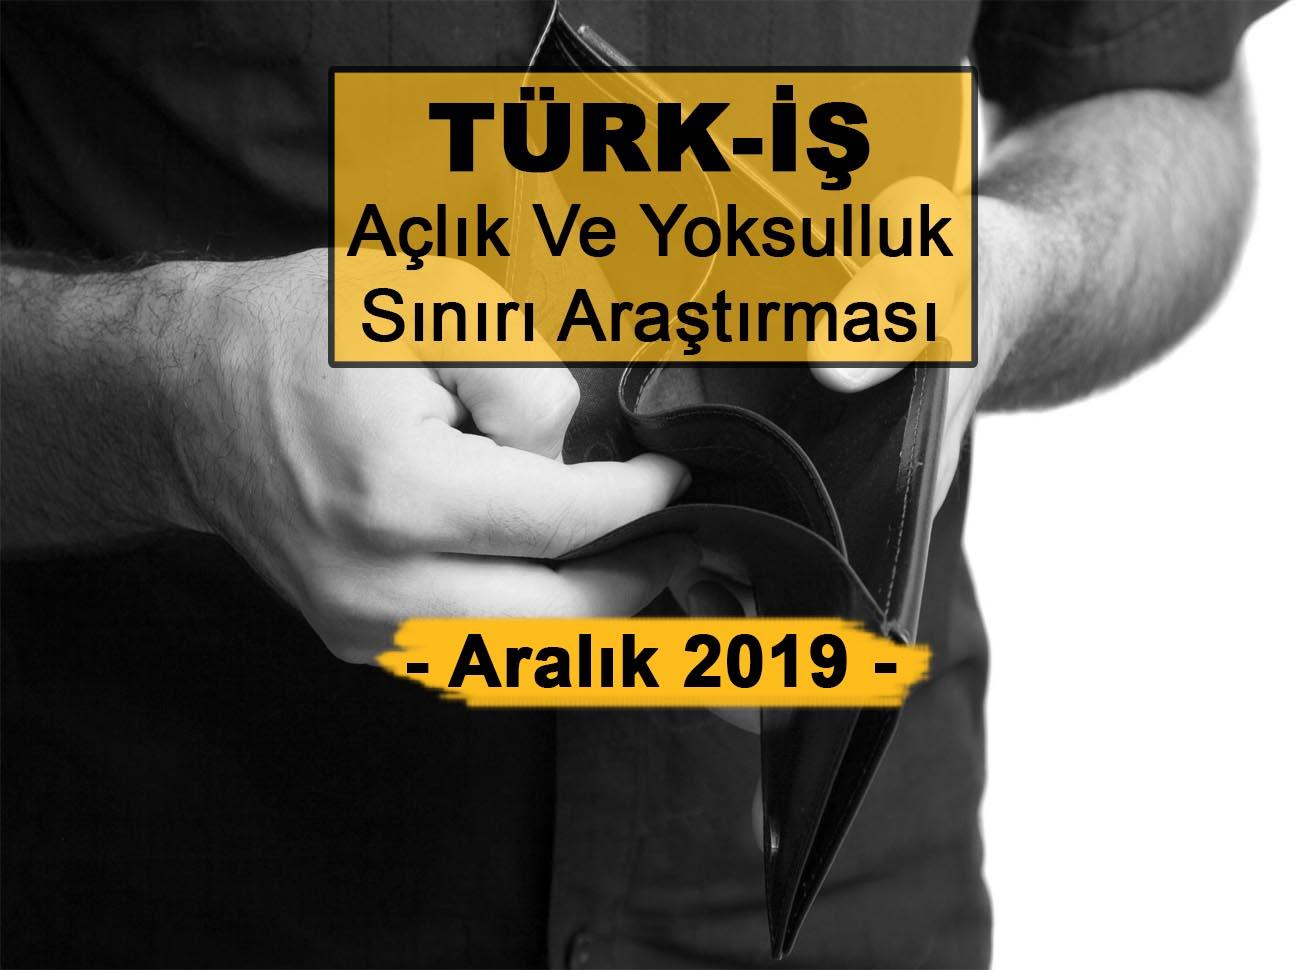 Türk-İş Açlık Ve Yoksulluk Sınırı Aralık 2019